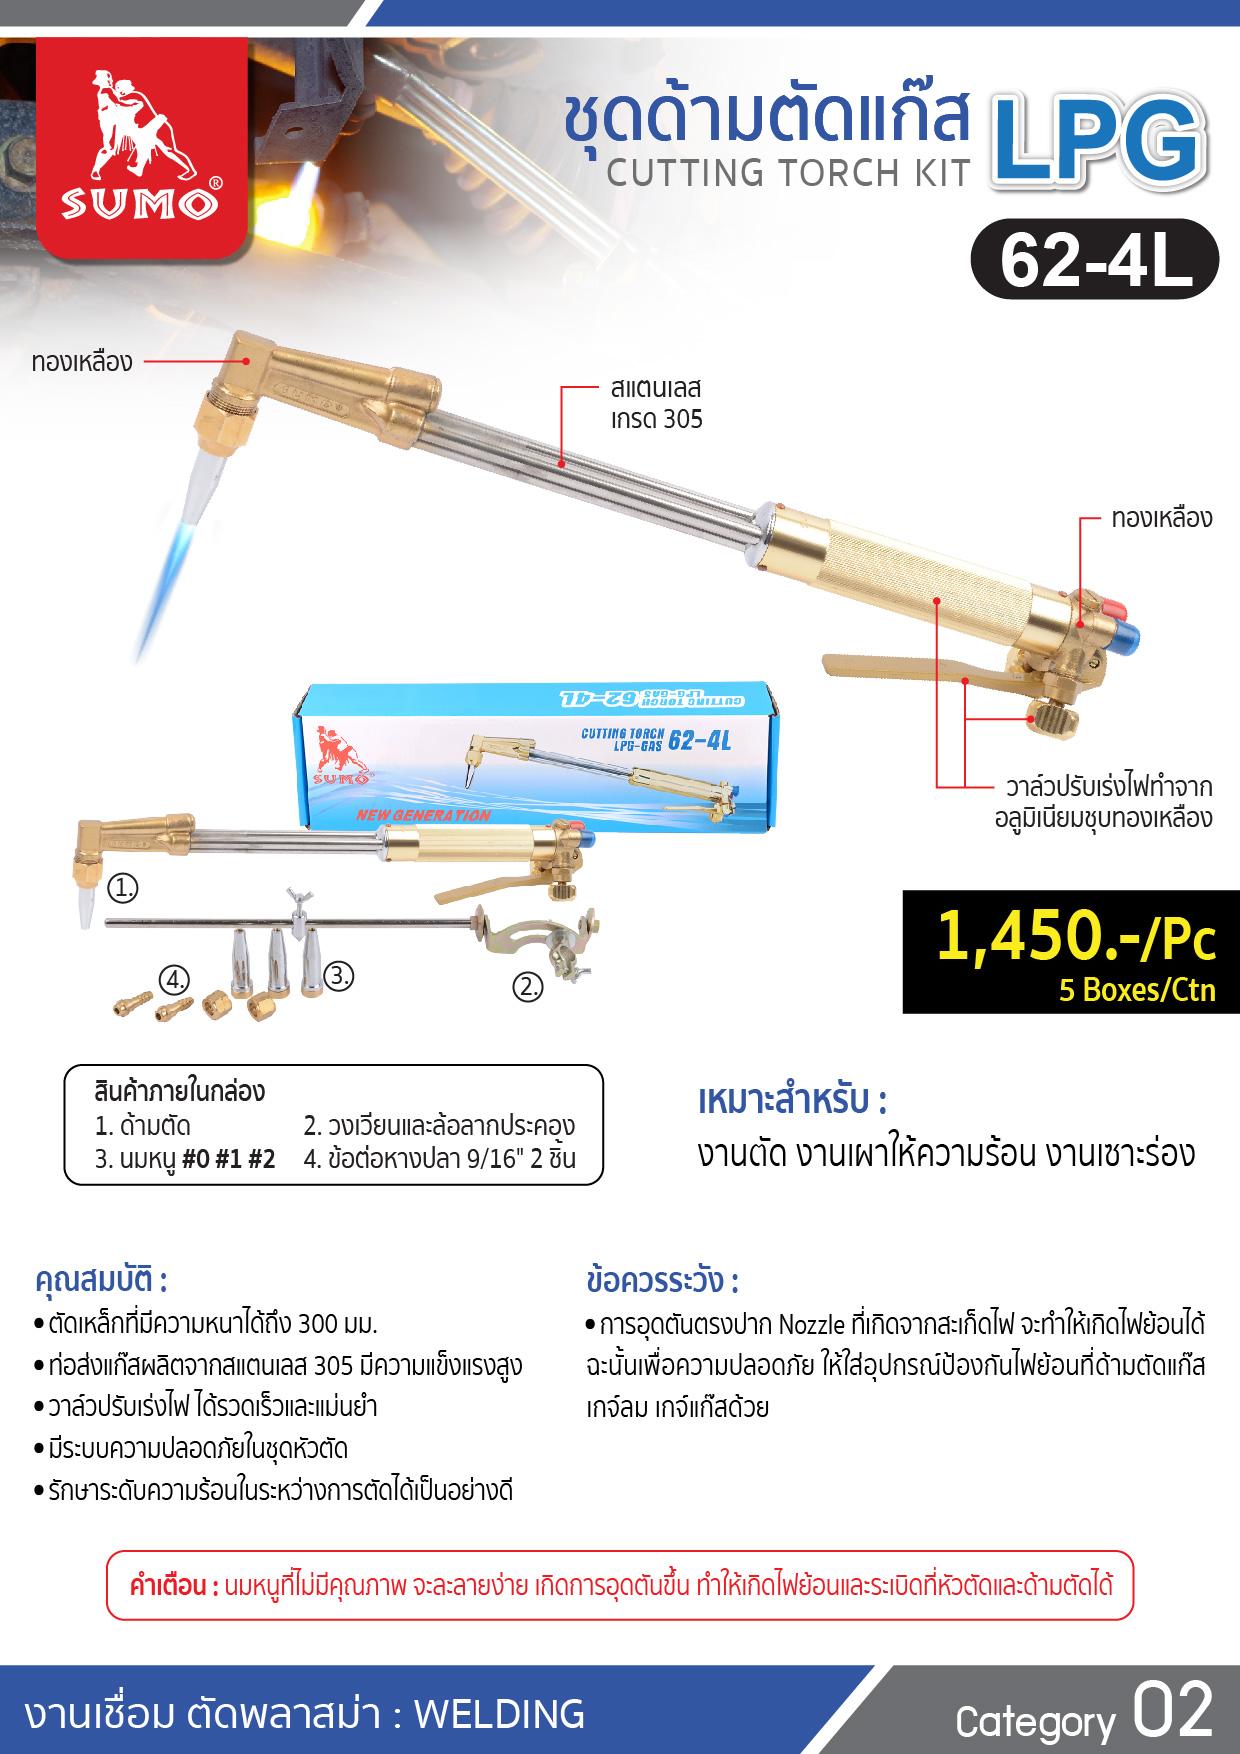 (59/277) ชุดด้ามตัดแก๊ส LPG